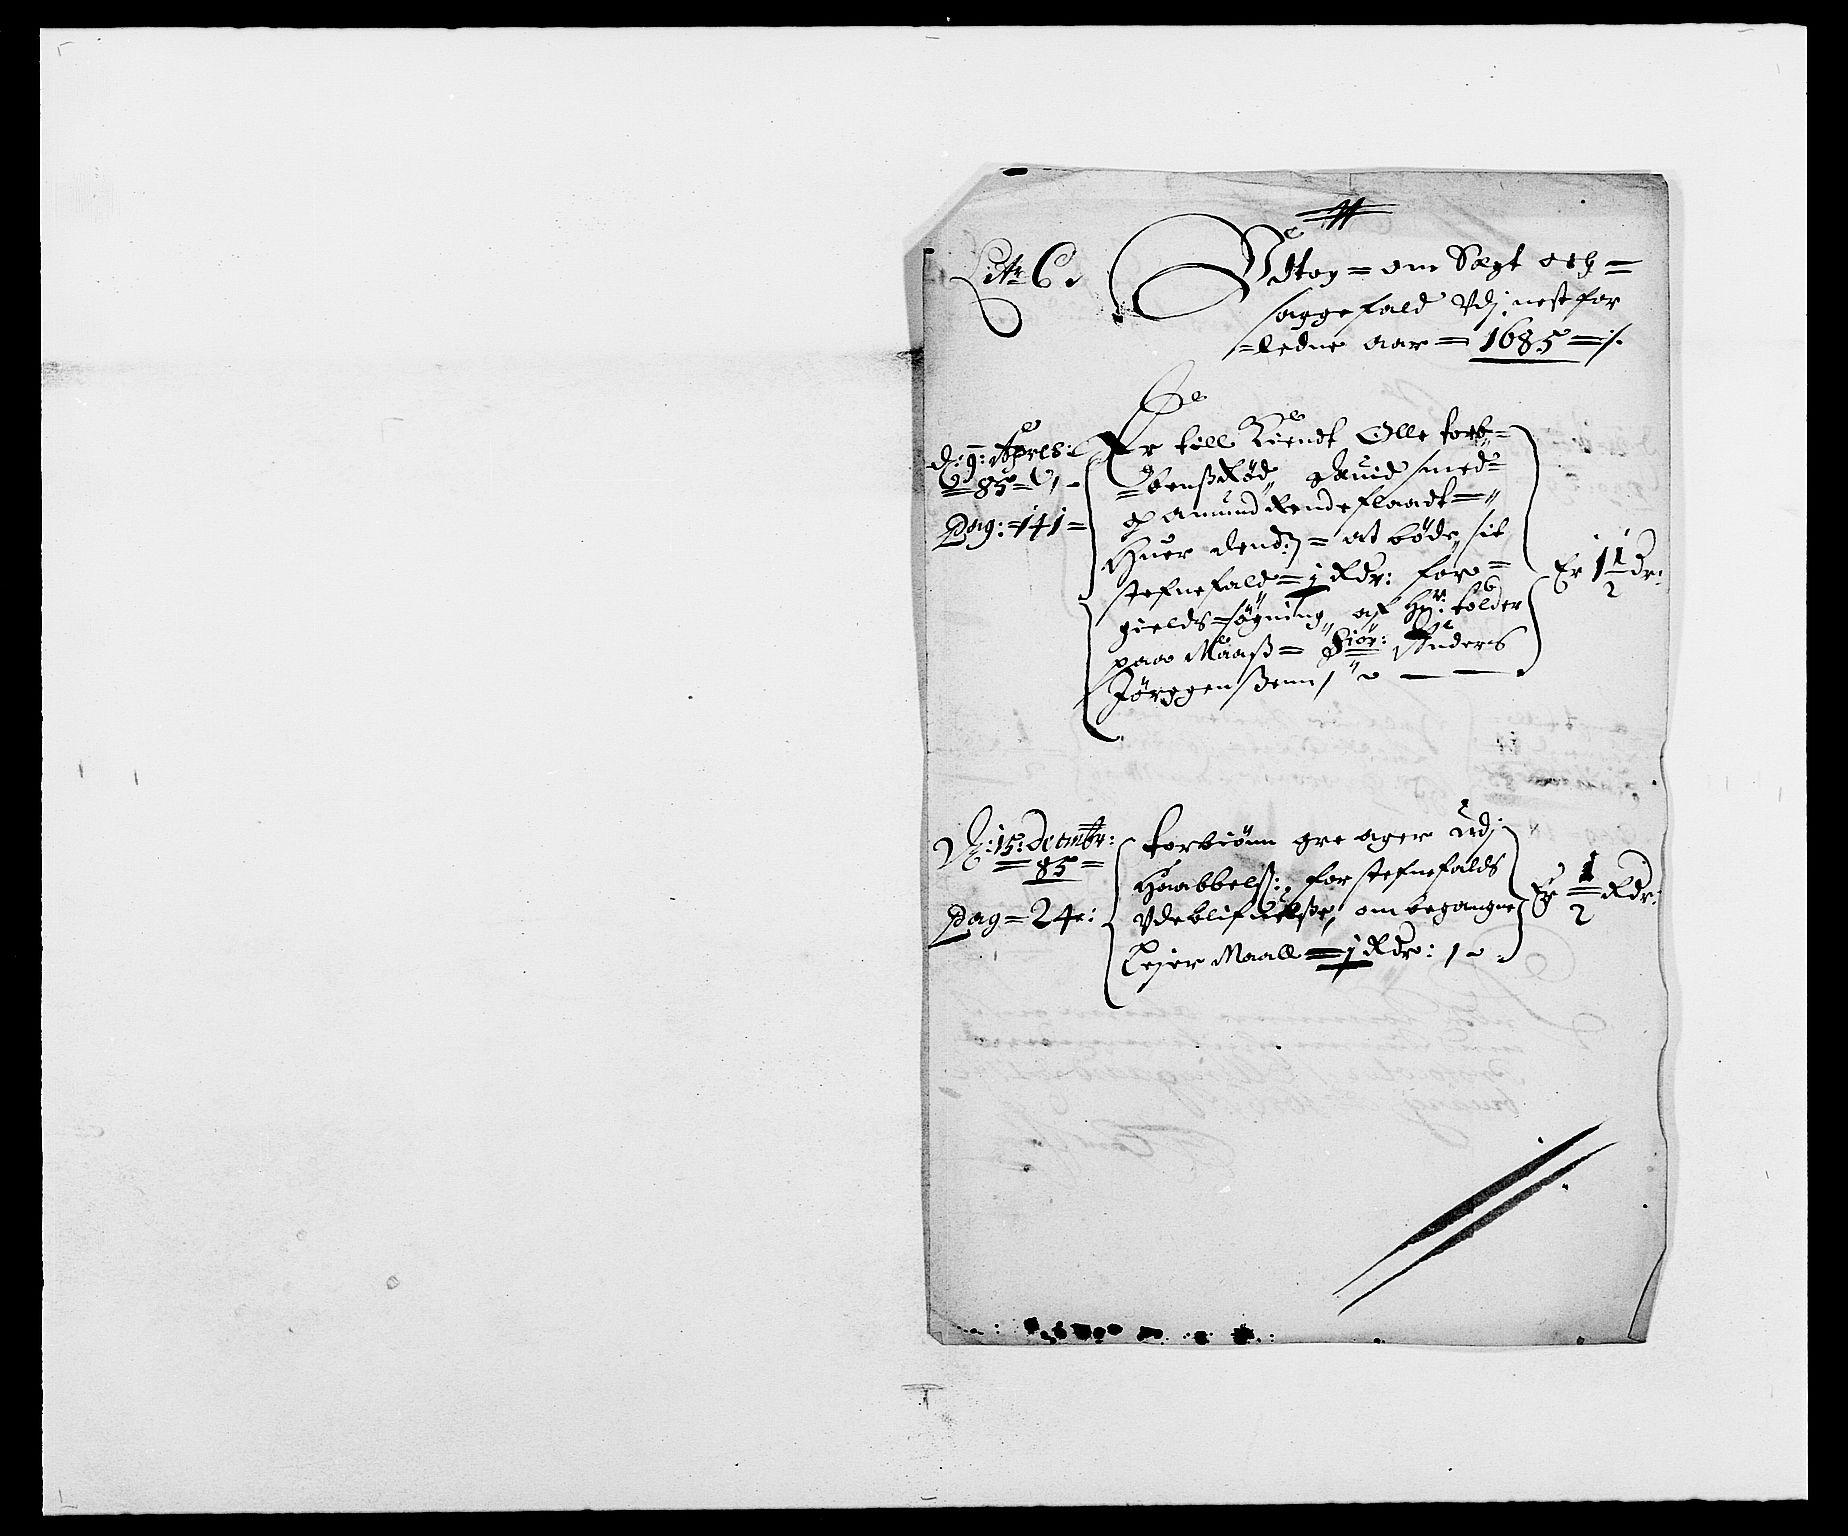 RA, Rentekammeret inntil 1814, Reviderte regnskaper, Fogderegnskap, R02/L0105: Fogderegnskap Moss og Verne kloster, 1685-1687, s. 57